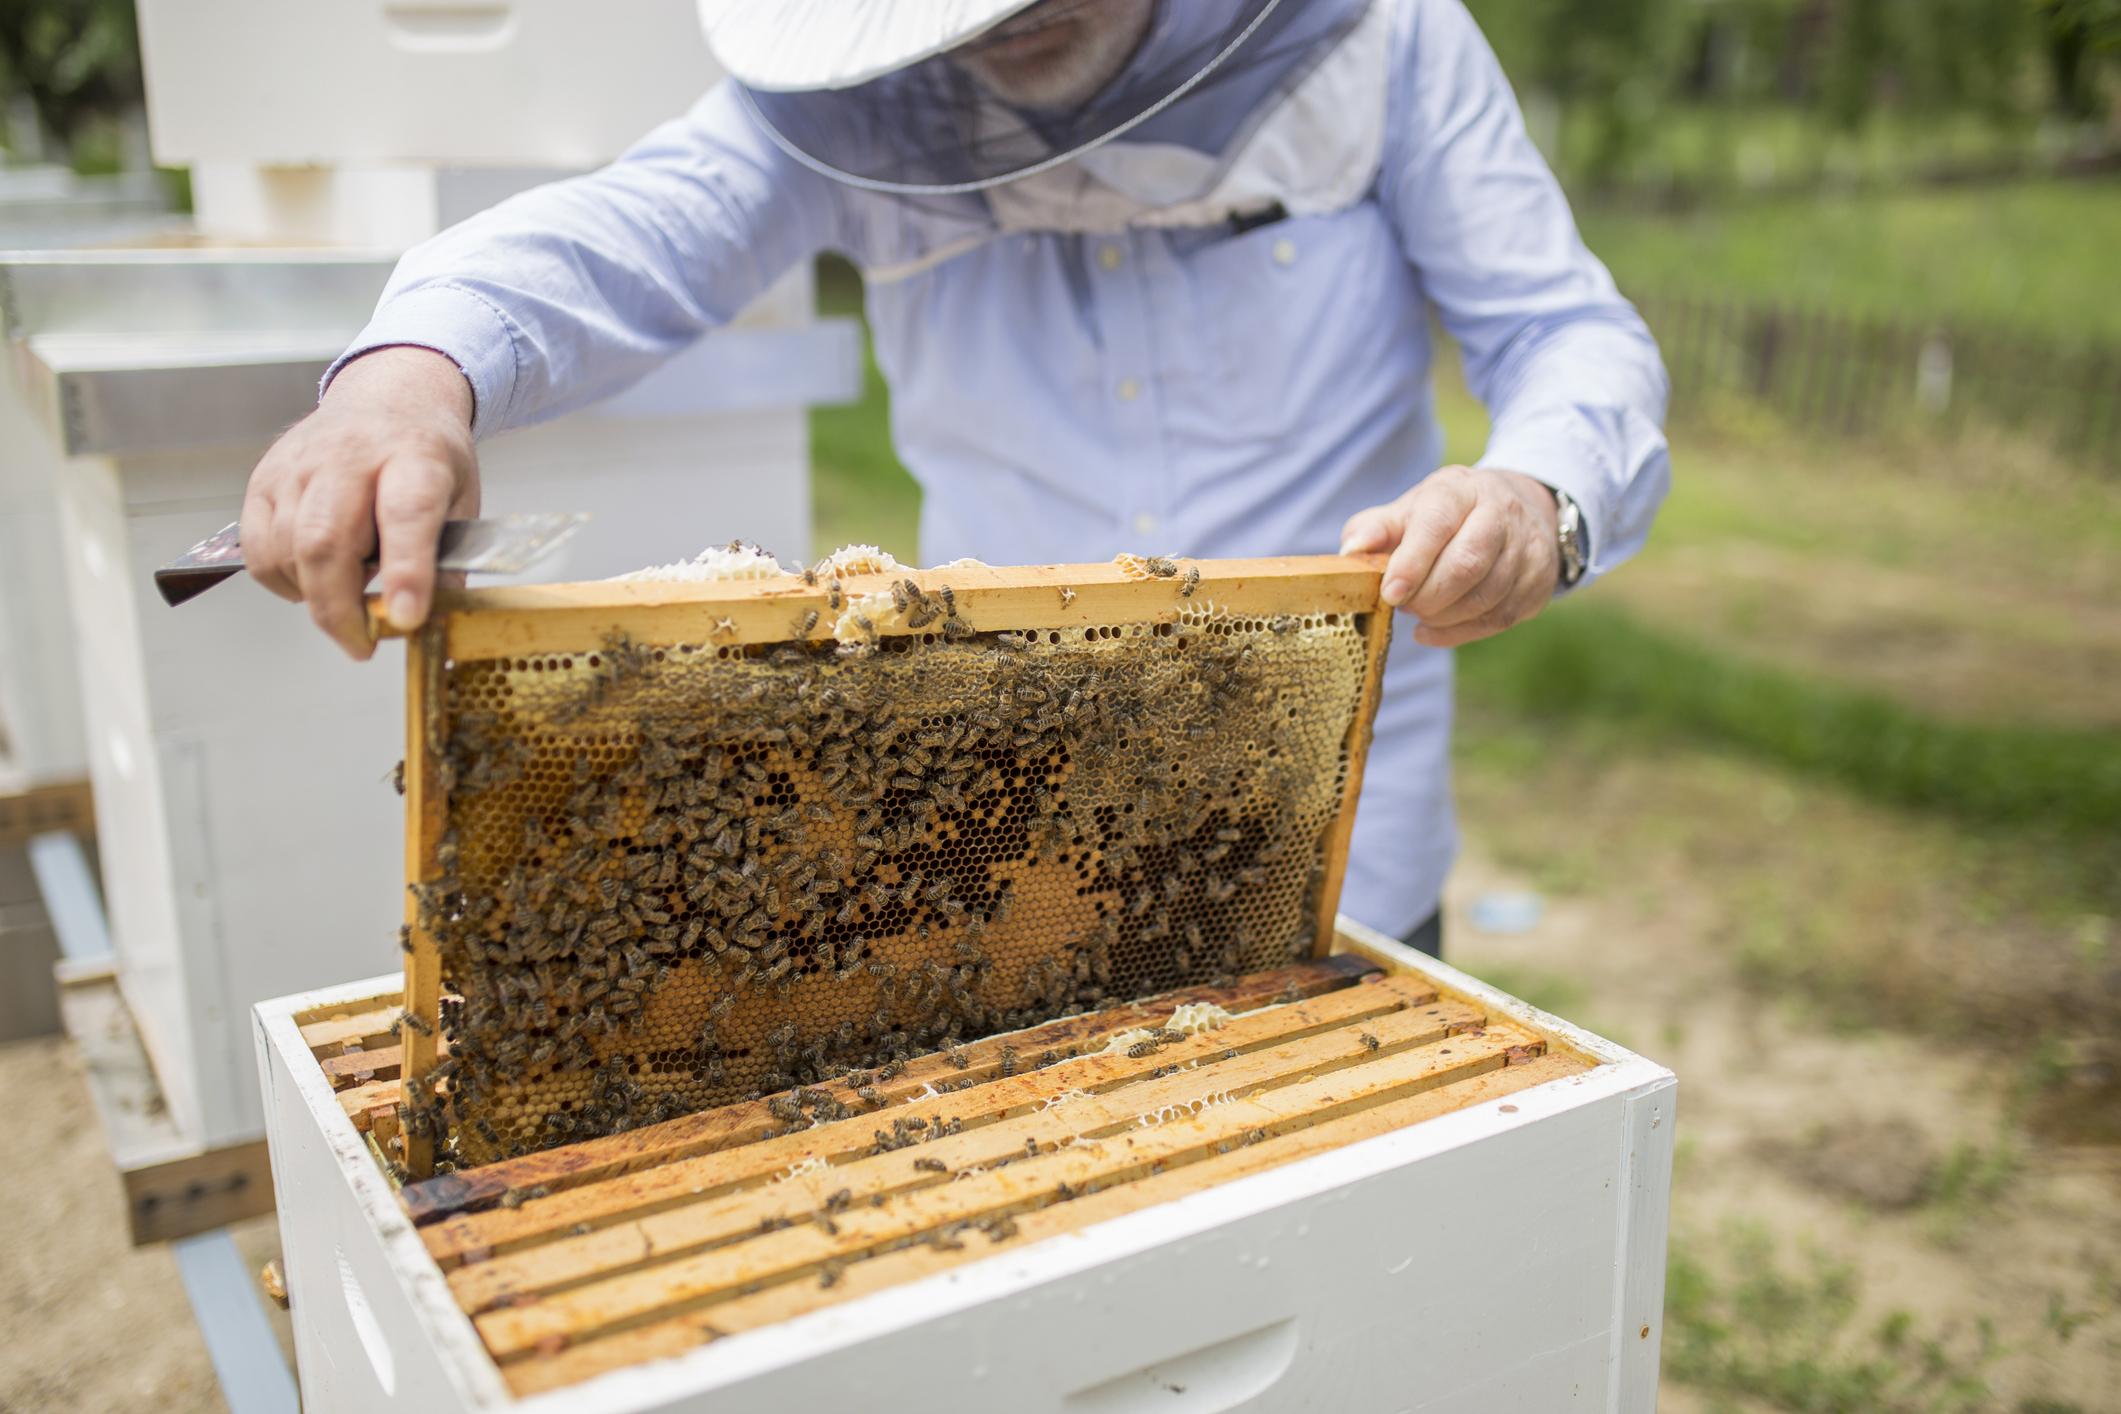 Mehiläishoitaja työssään